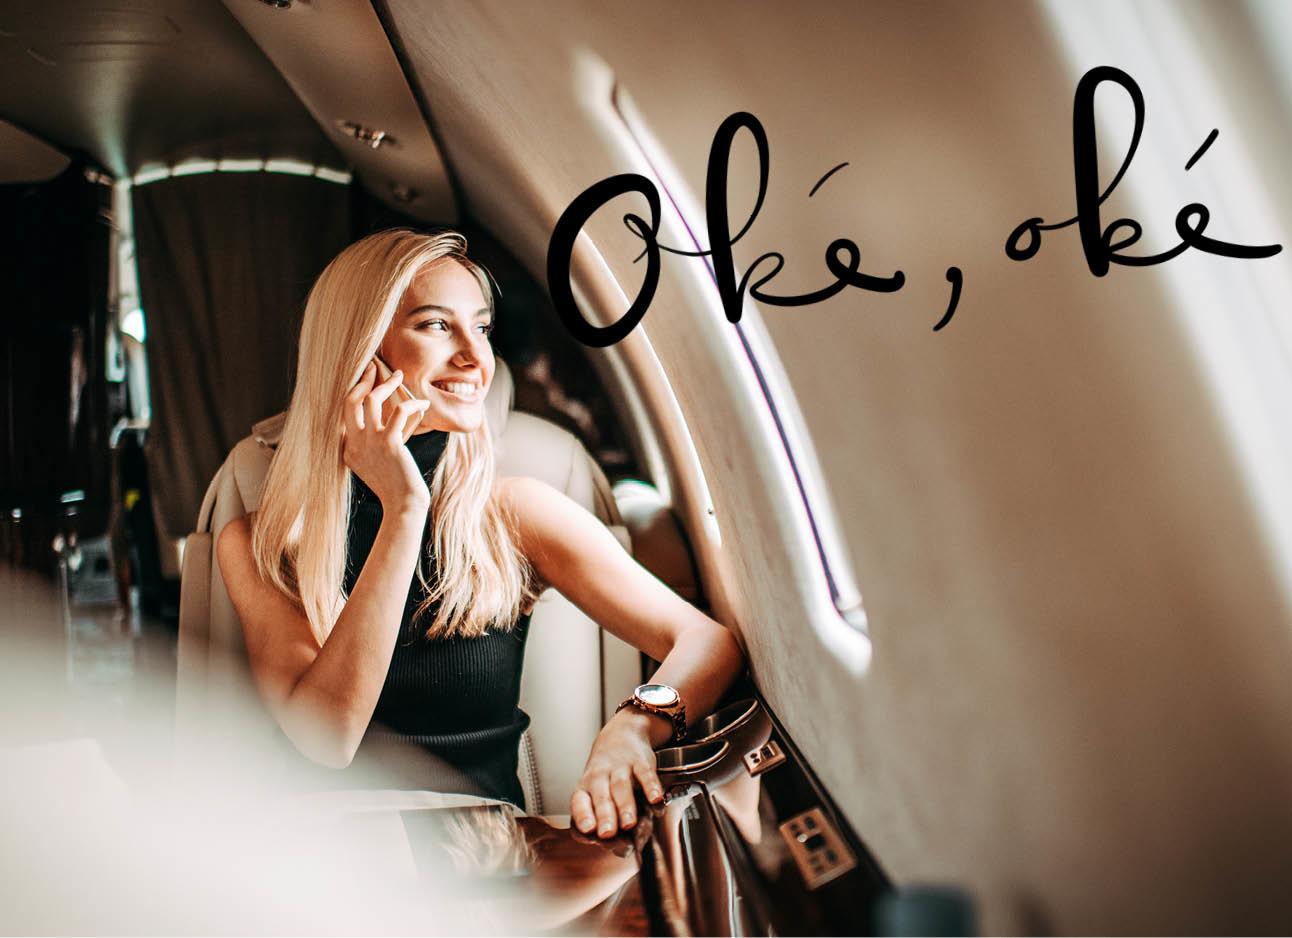 vrouw in het vliegtuig aan het raam, lachend, blond haar